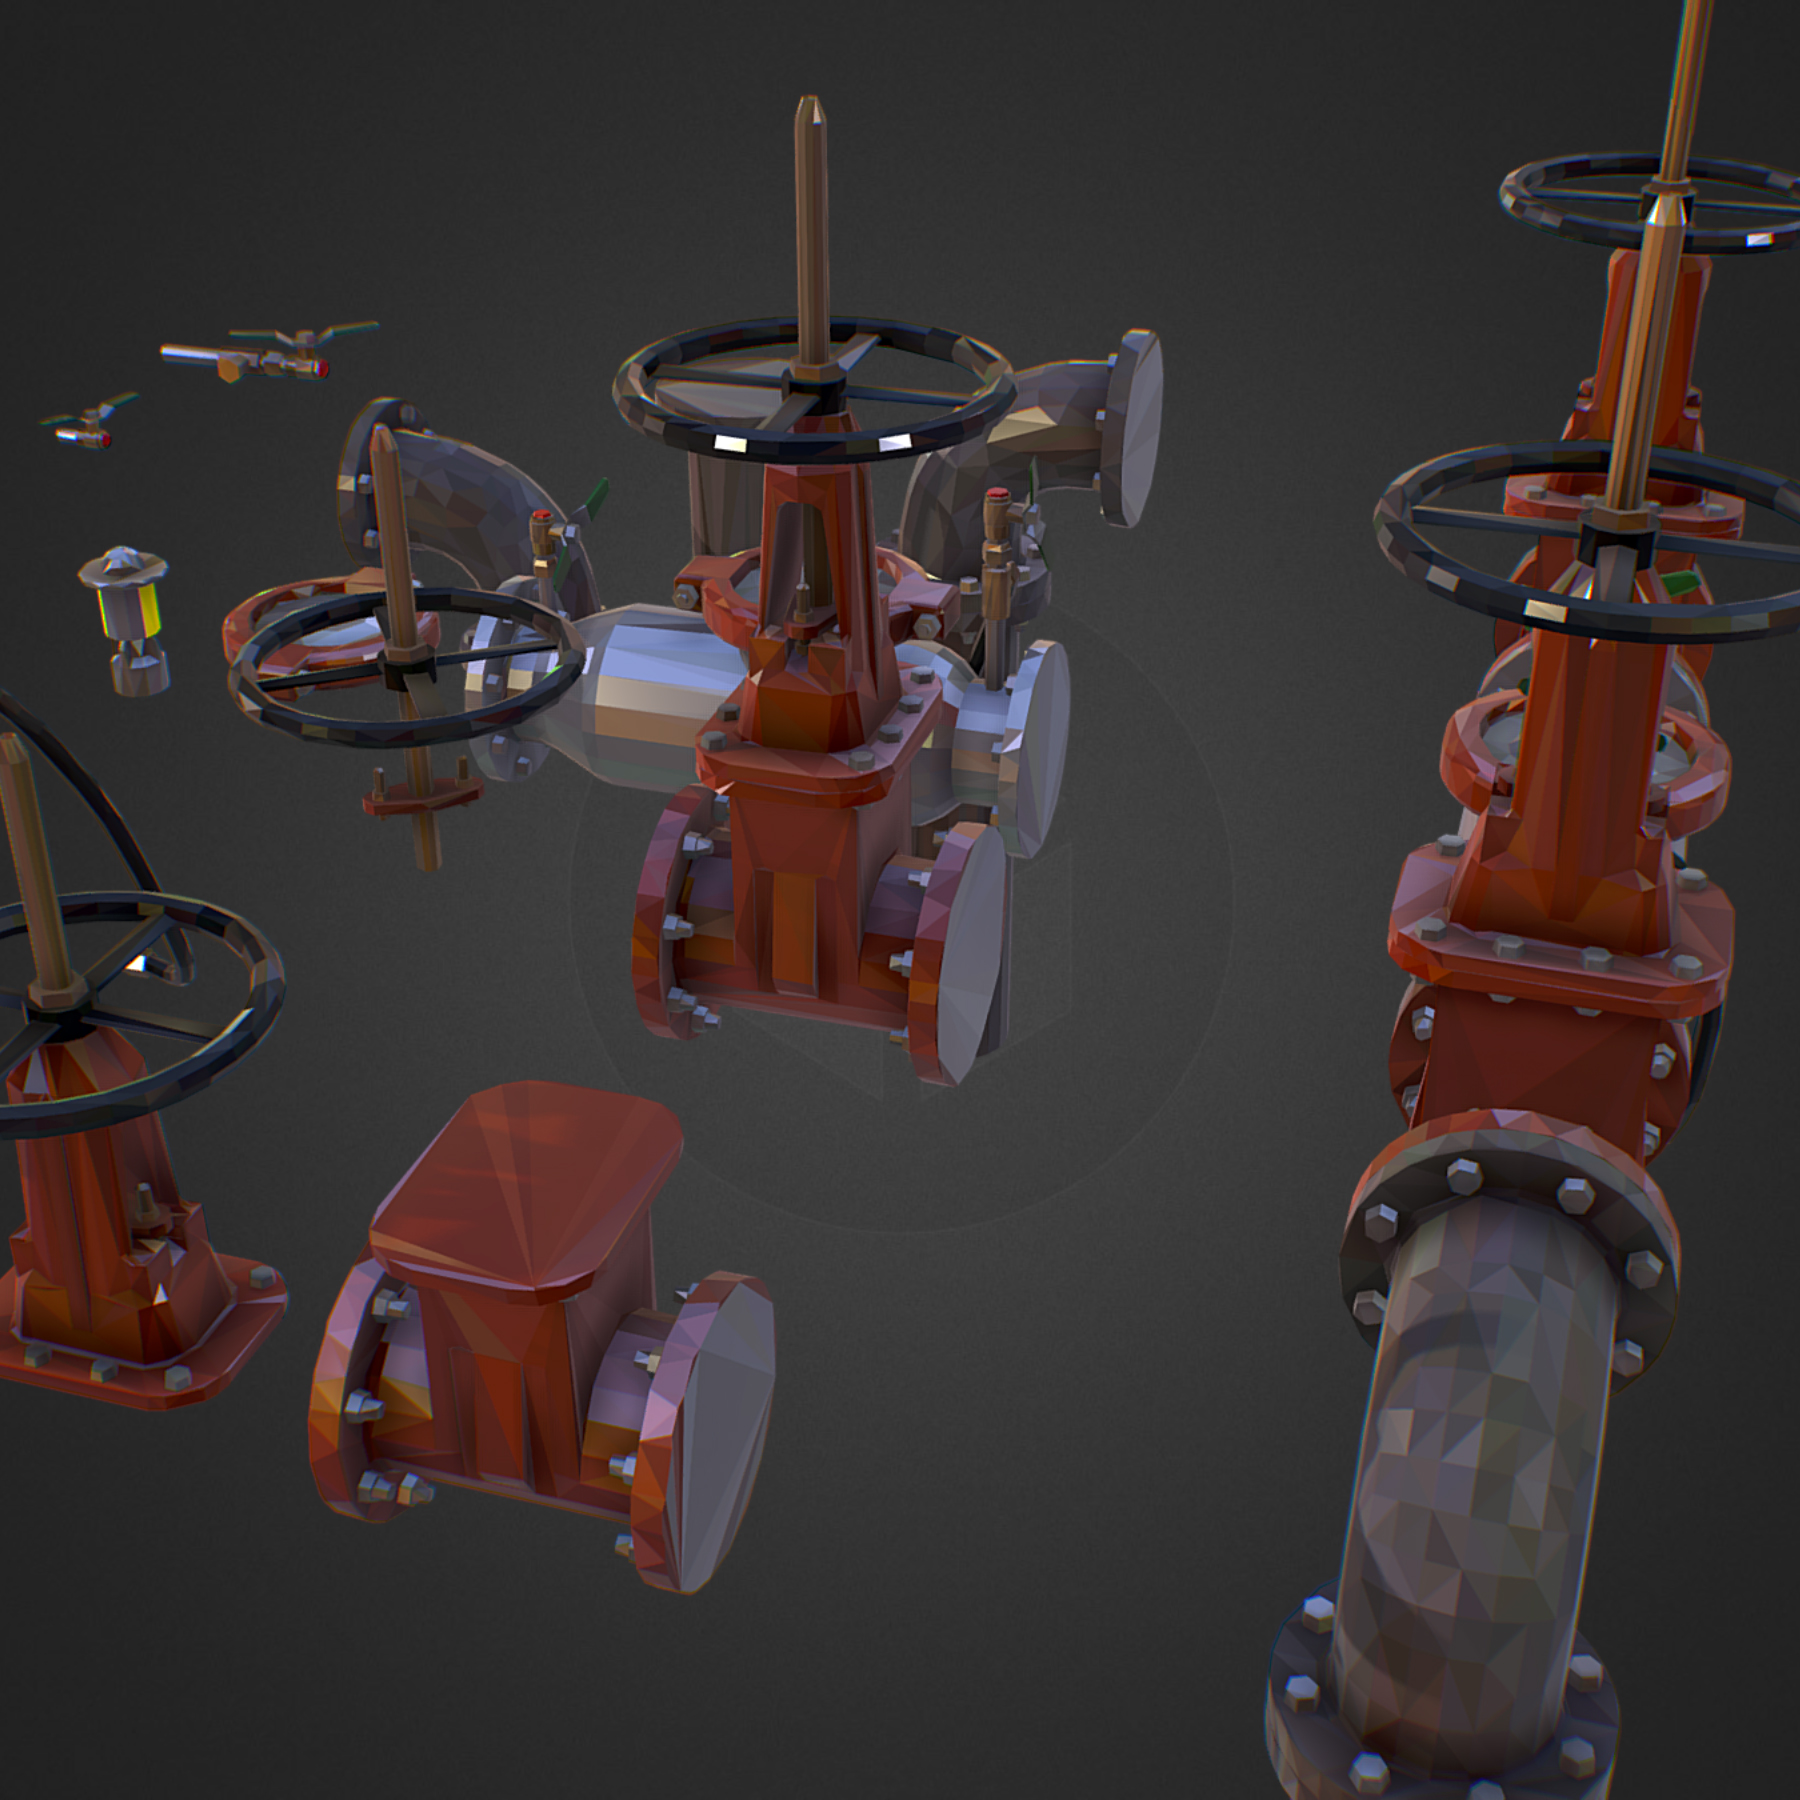 χαμηλός πολυεστιακός κατασκευαστής σωληνώσεων νερού επιστροφής ροής 3d max fbx ma mb tga targa icb vda vst pix obj 272544